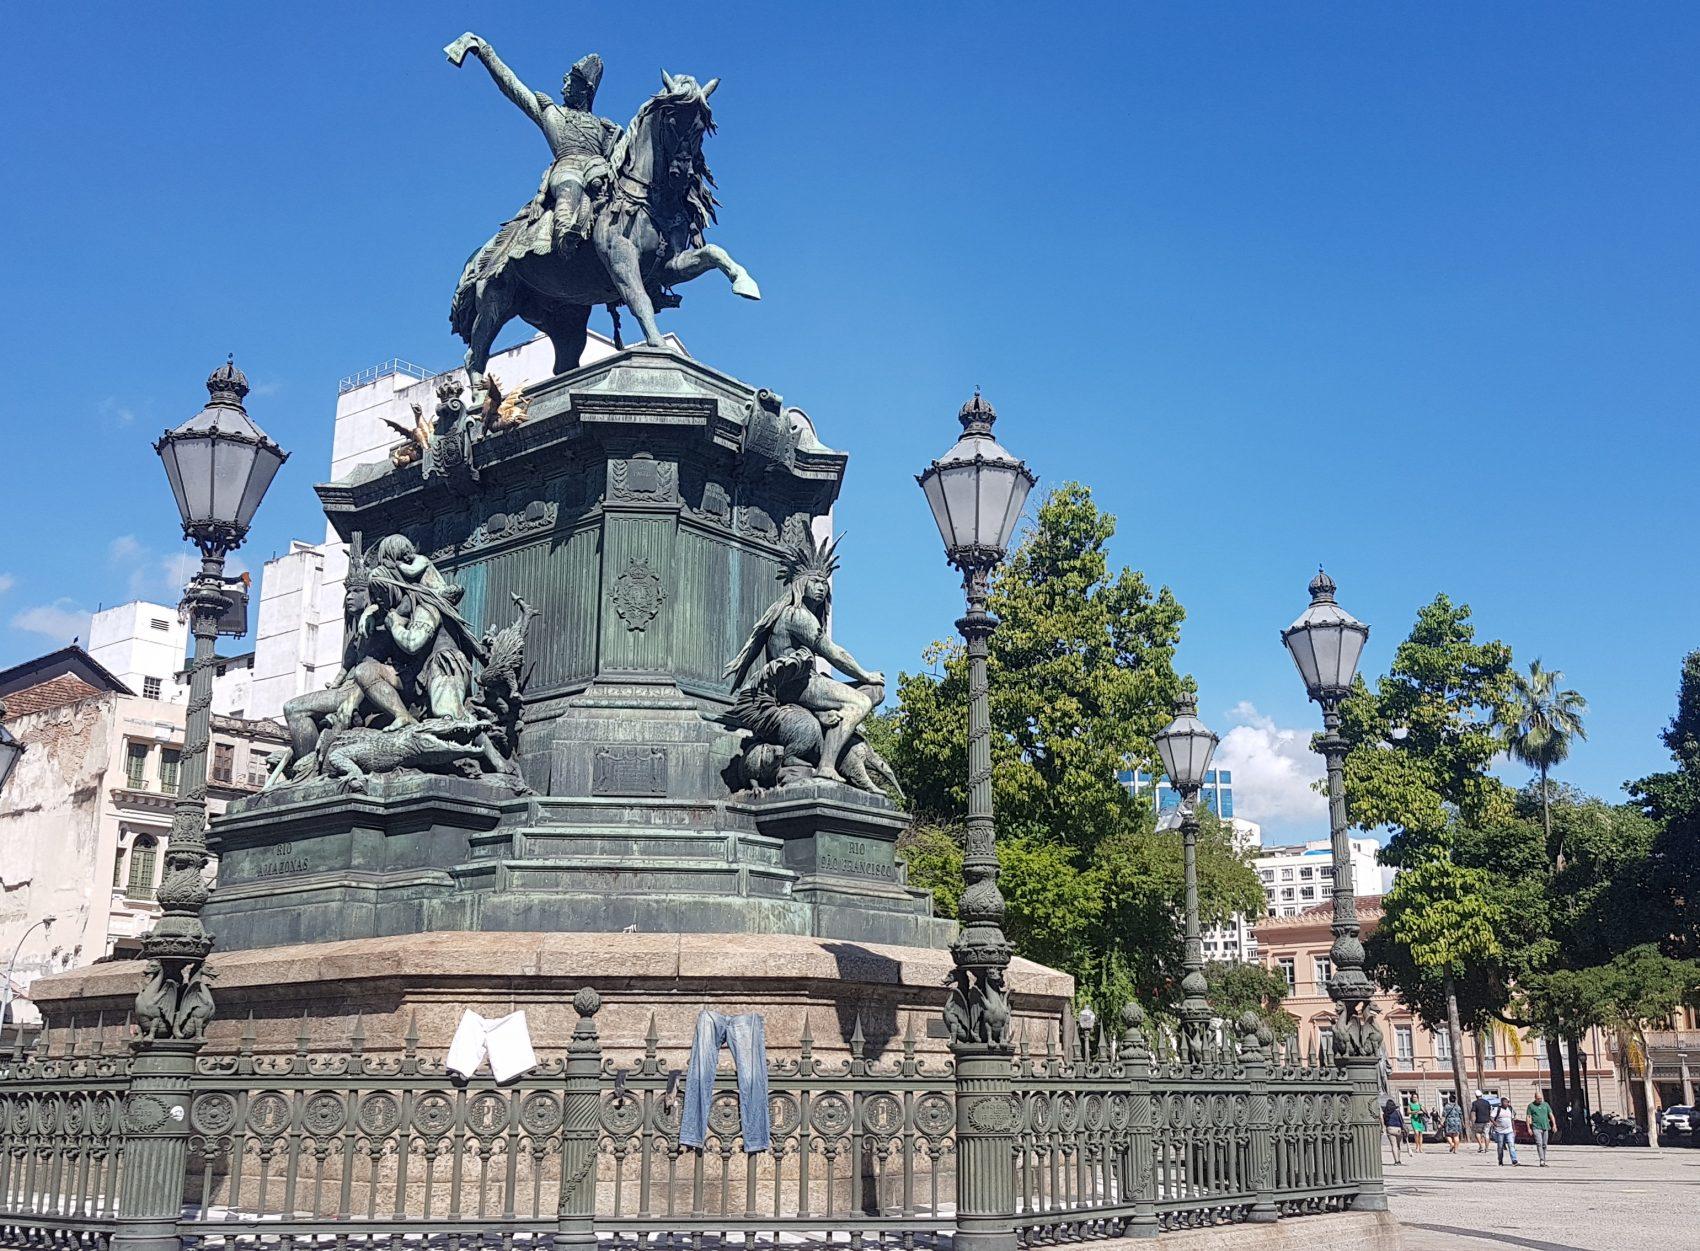 Estátua de Pedro I na (hoje) Praça Tiradentes, Praça da Constituição em 1888: saudações à família real por escravos agora libertos e abolicionistas num último momento de popularidade do Império (Foto Oscar Valporto)